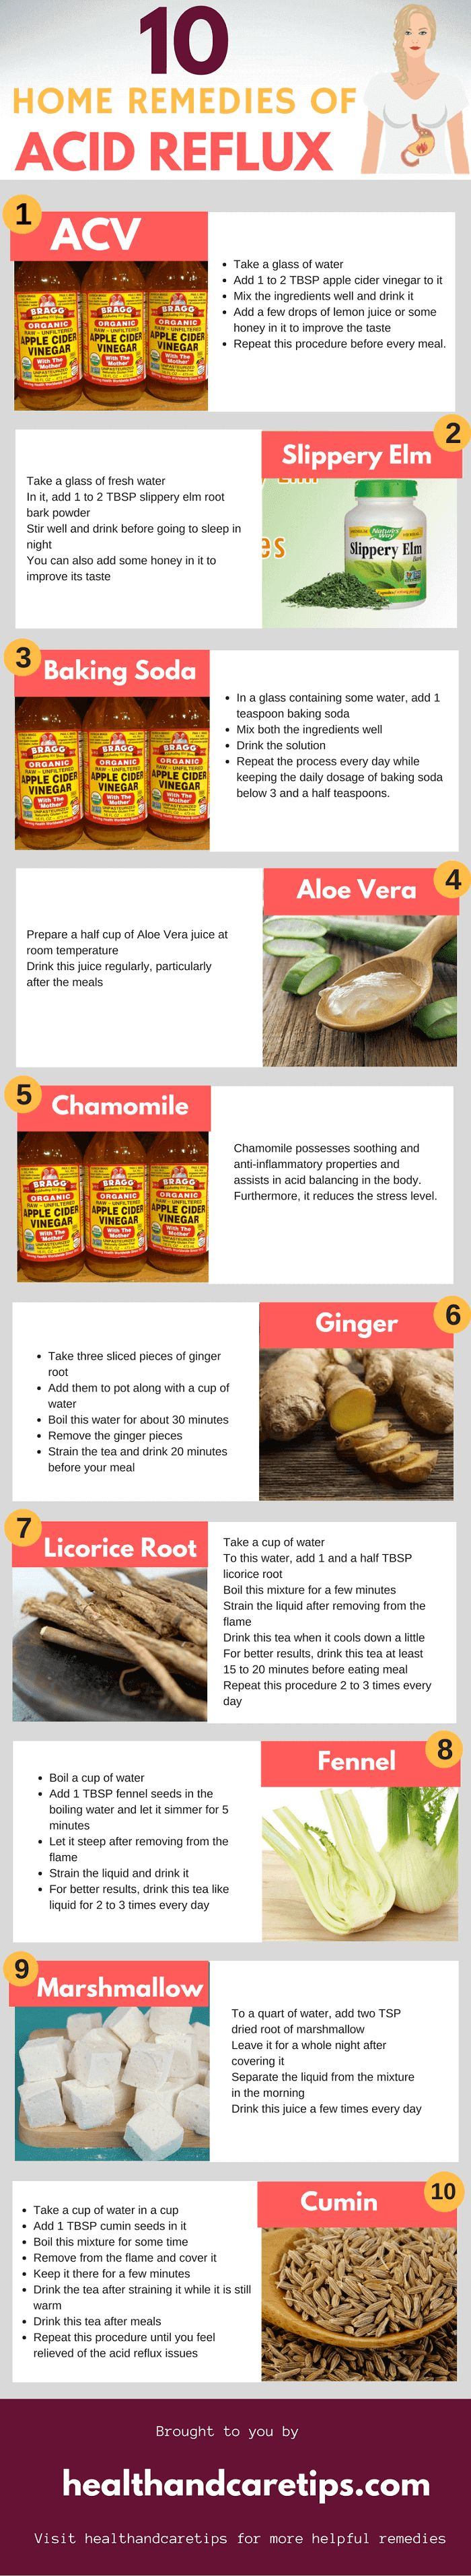 Best Home reme s for heartburn ideas on Pinterest